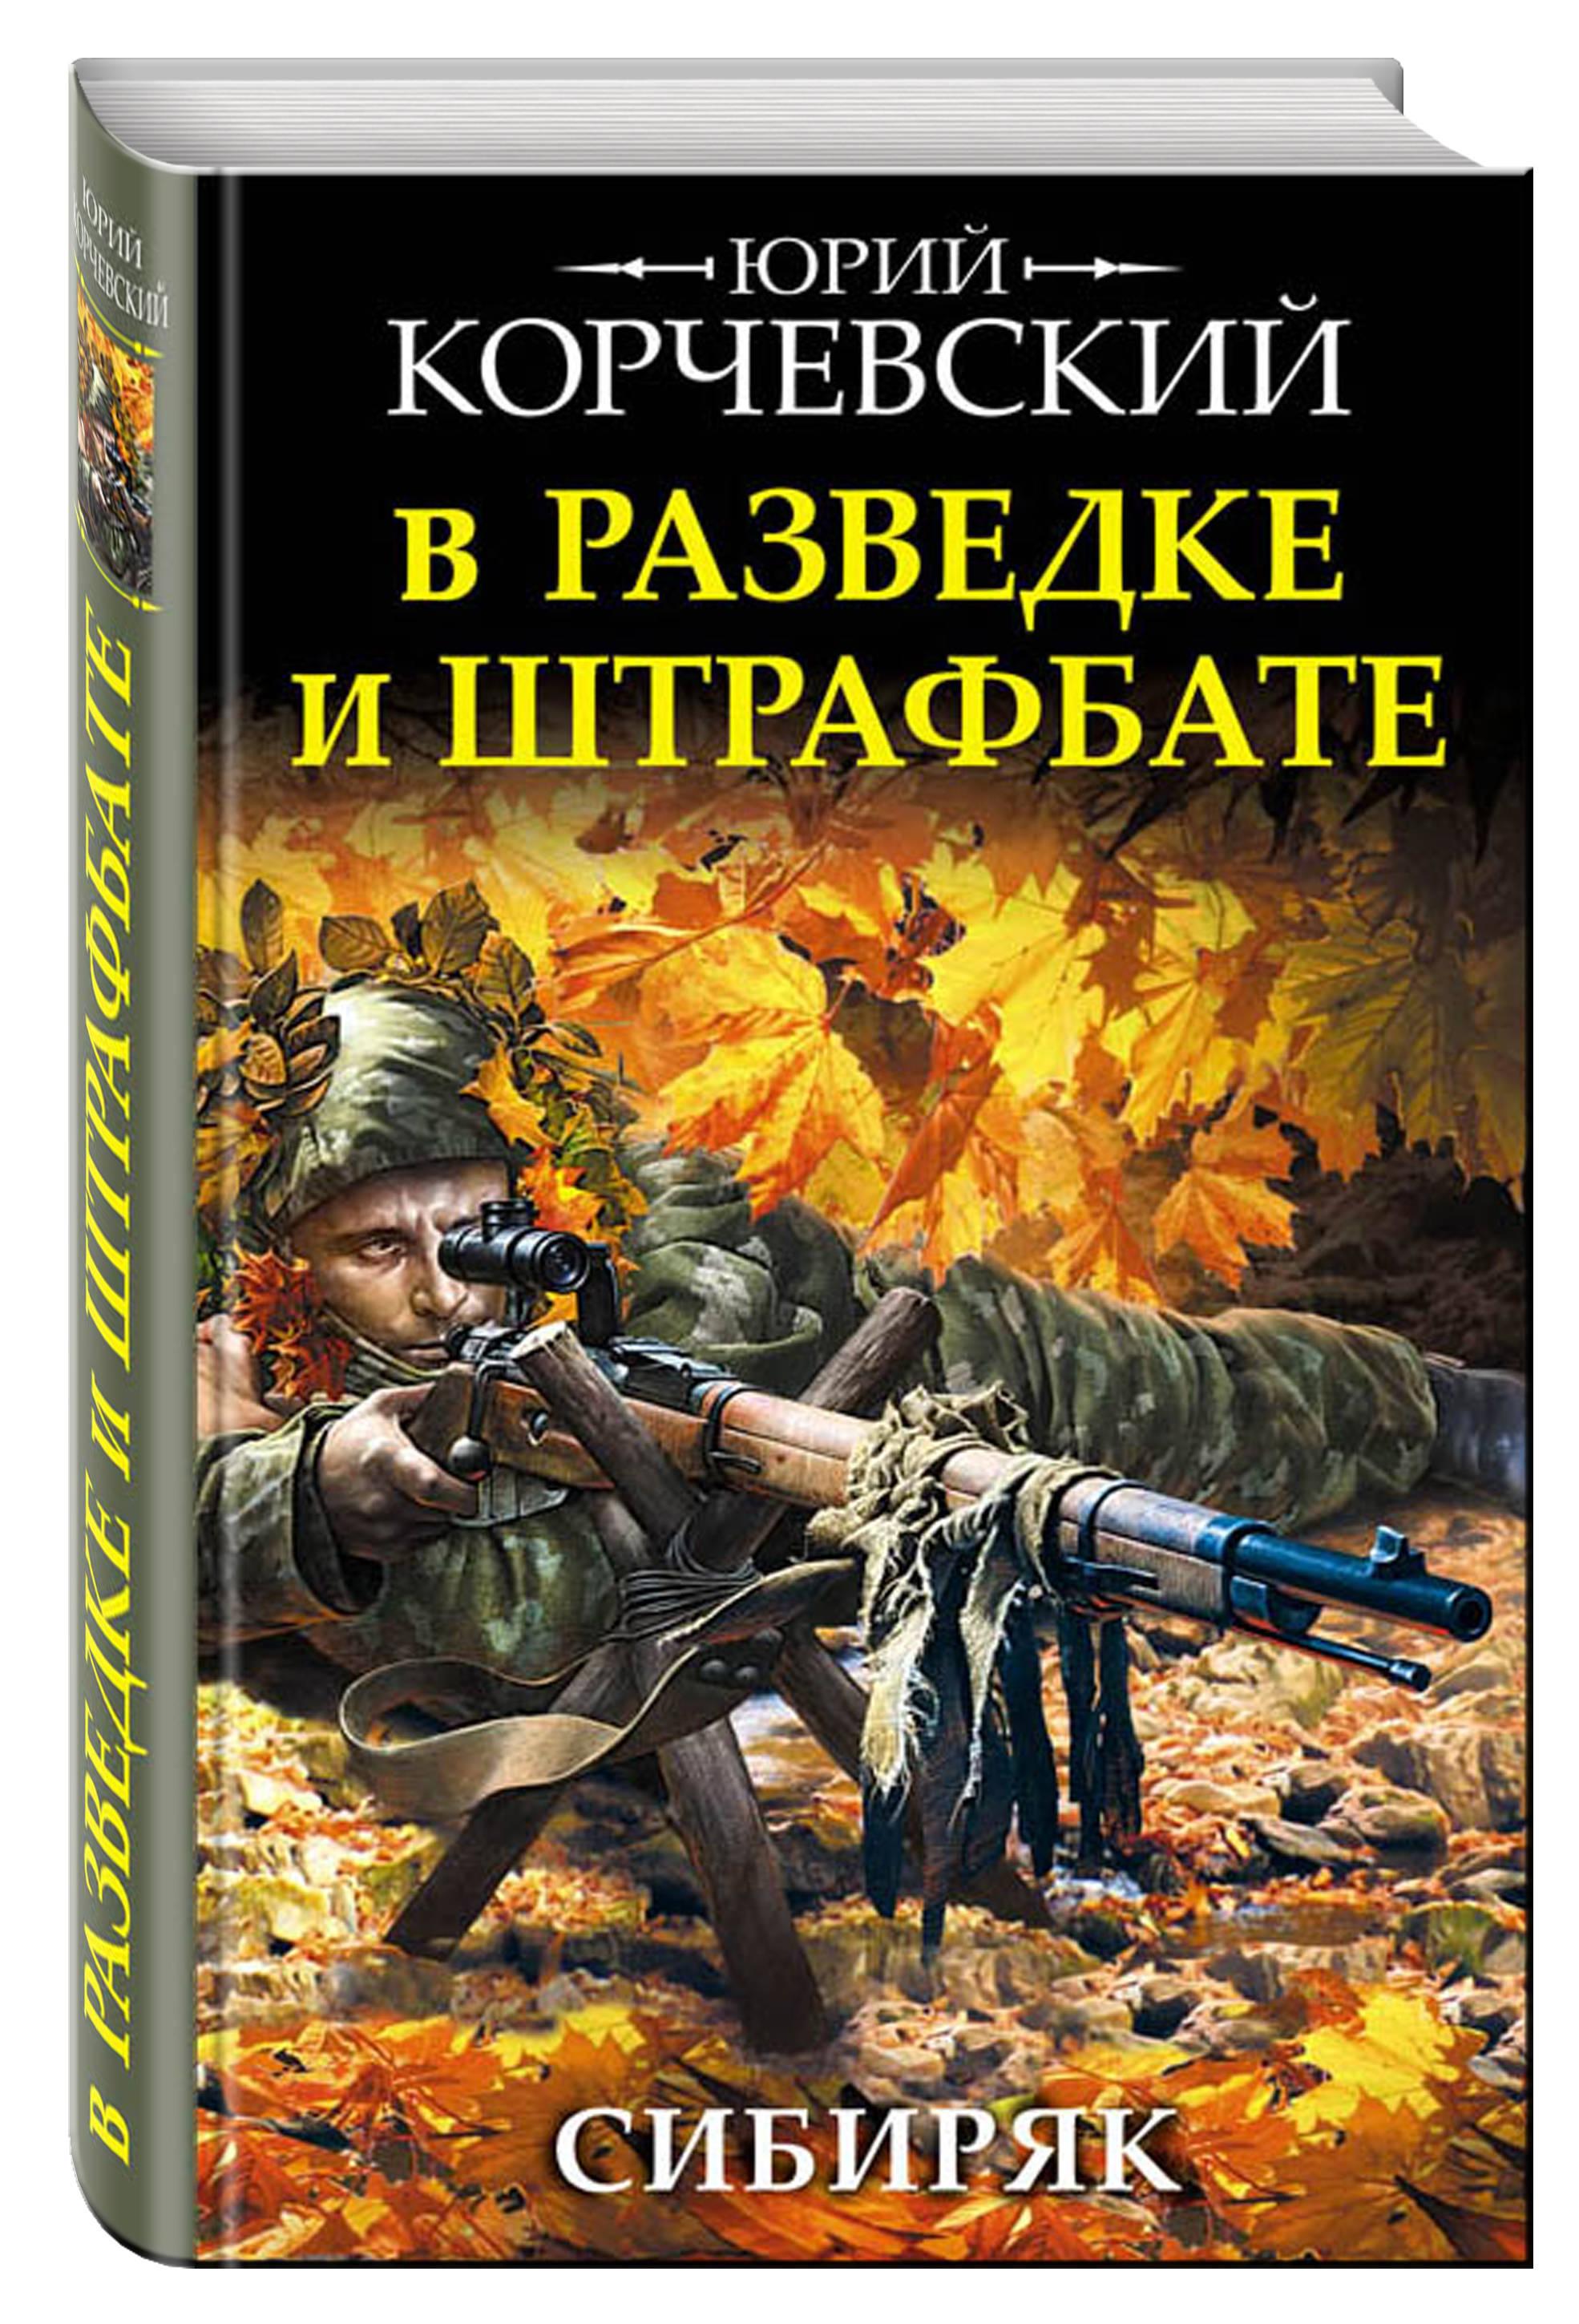 Корчевский Ю.Г. В разведке и штрафбате. Сибиряк в разведке